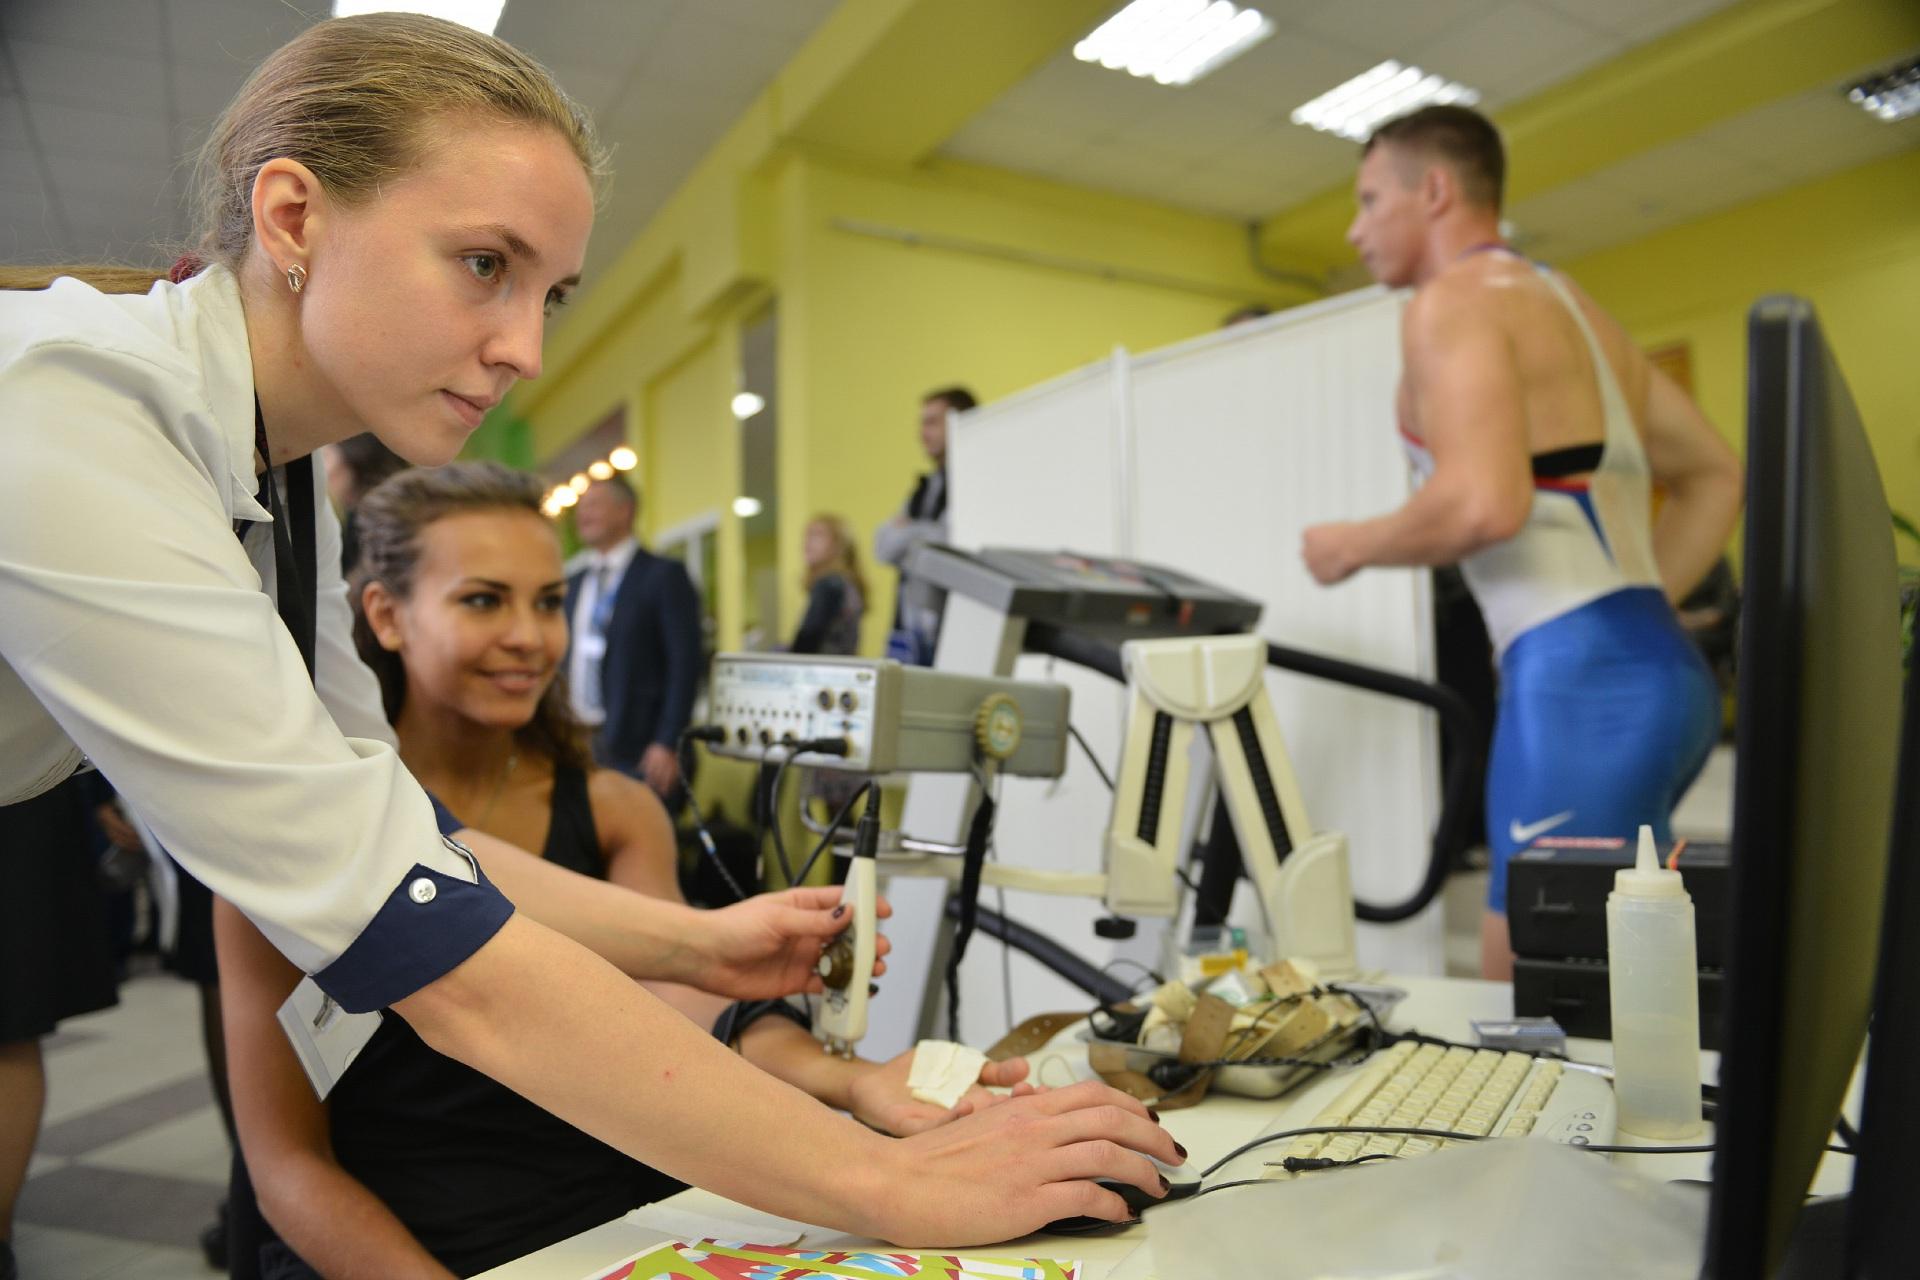 Молодые учёные и студенты Коми могут получить федеральную поддержку на реализацию инновационных проектов до 500 тысяч рублей